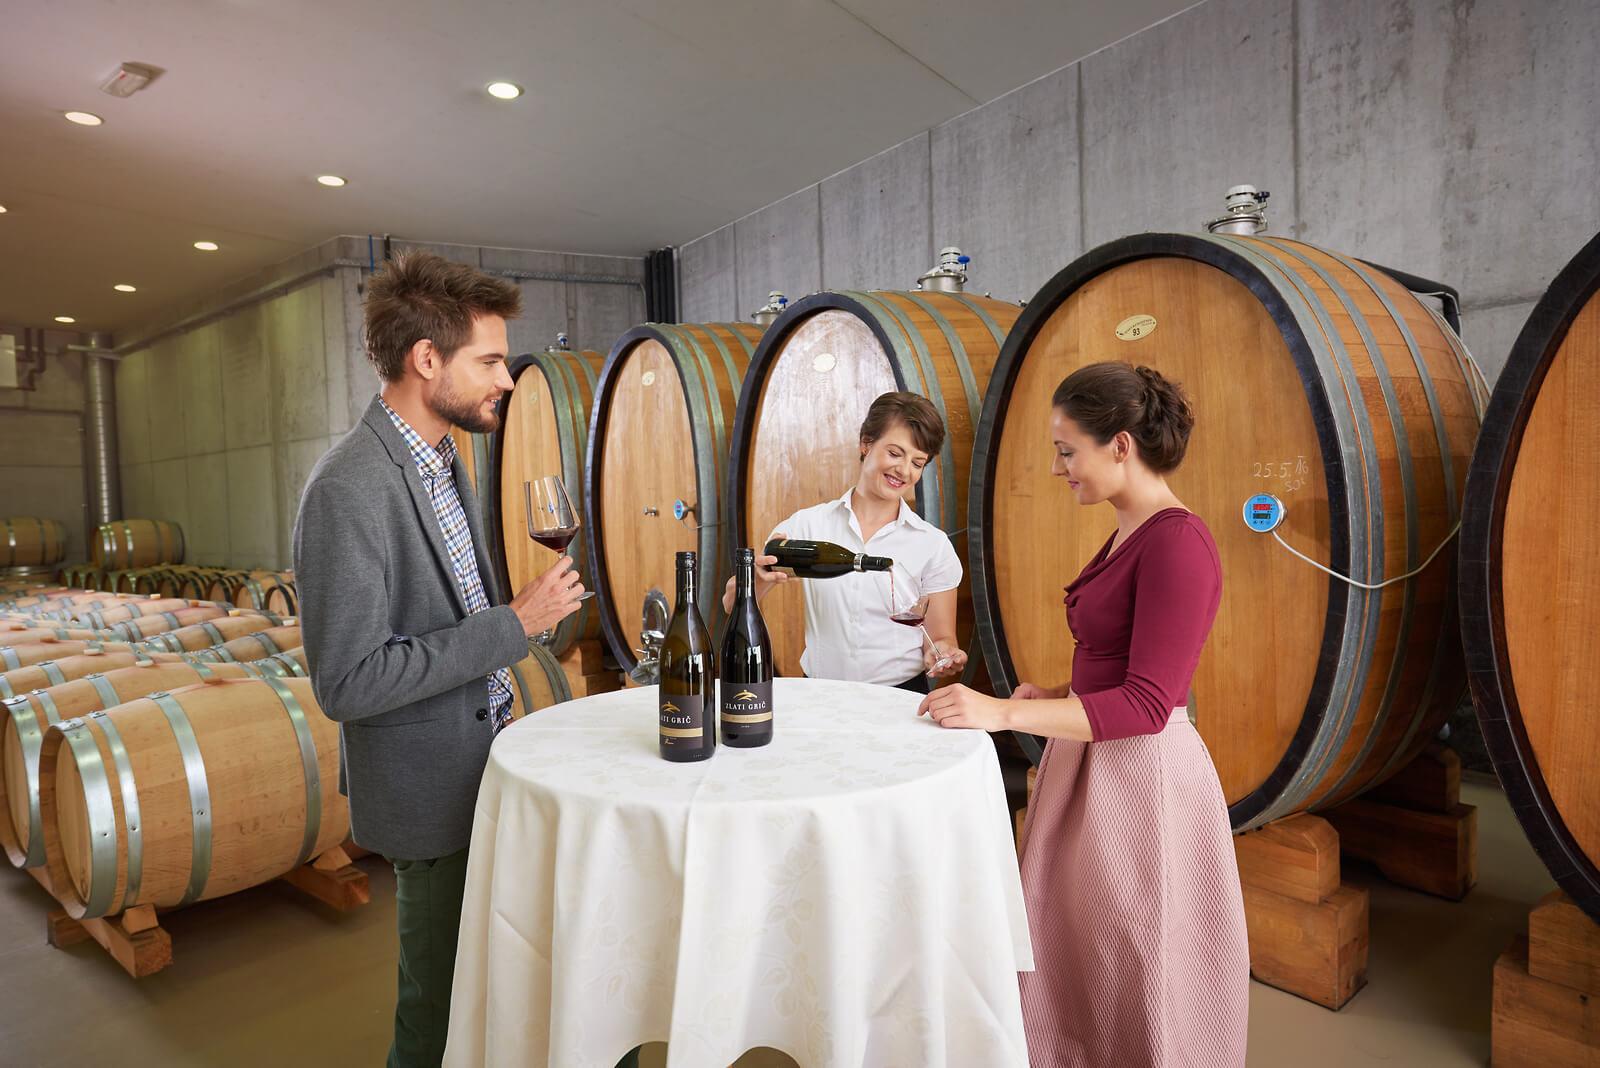 slovenia wine tasting